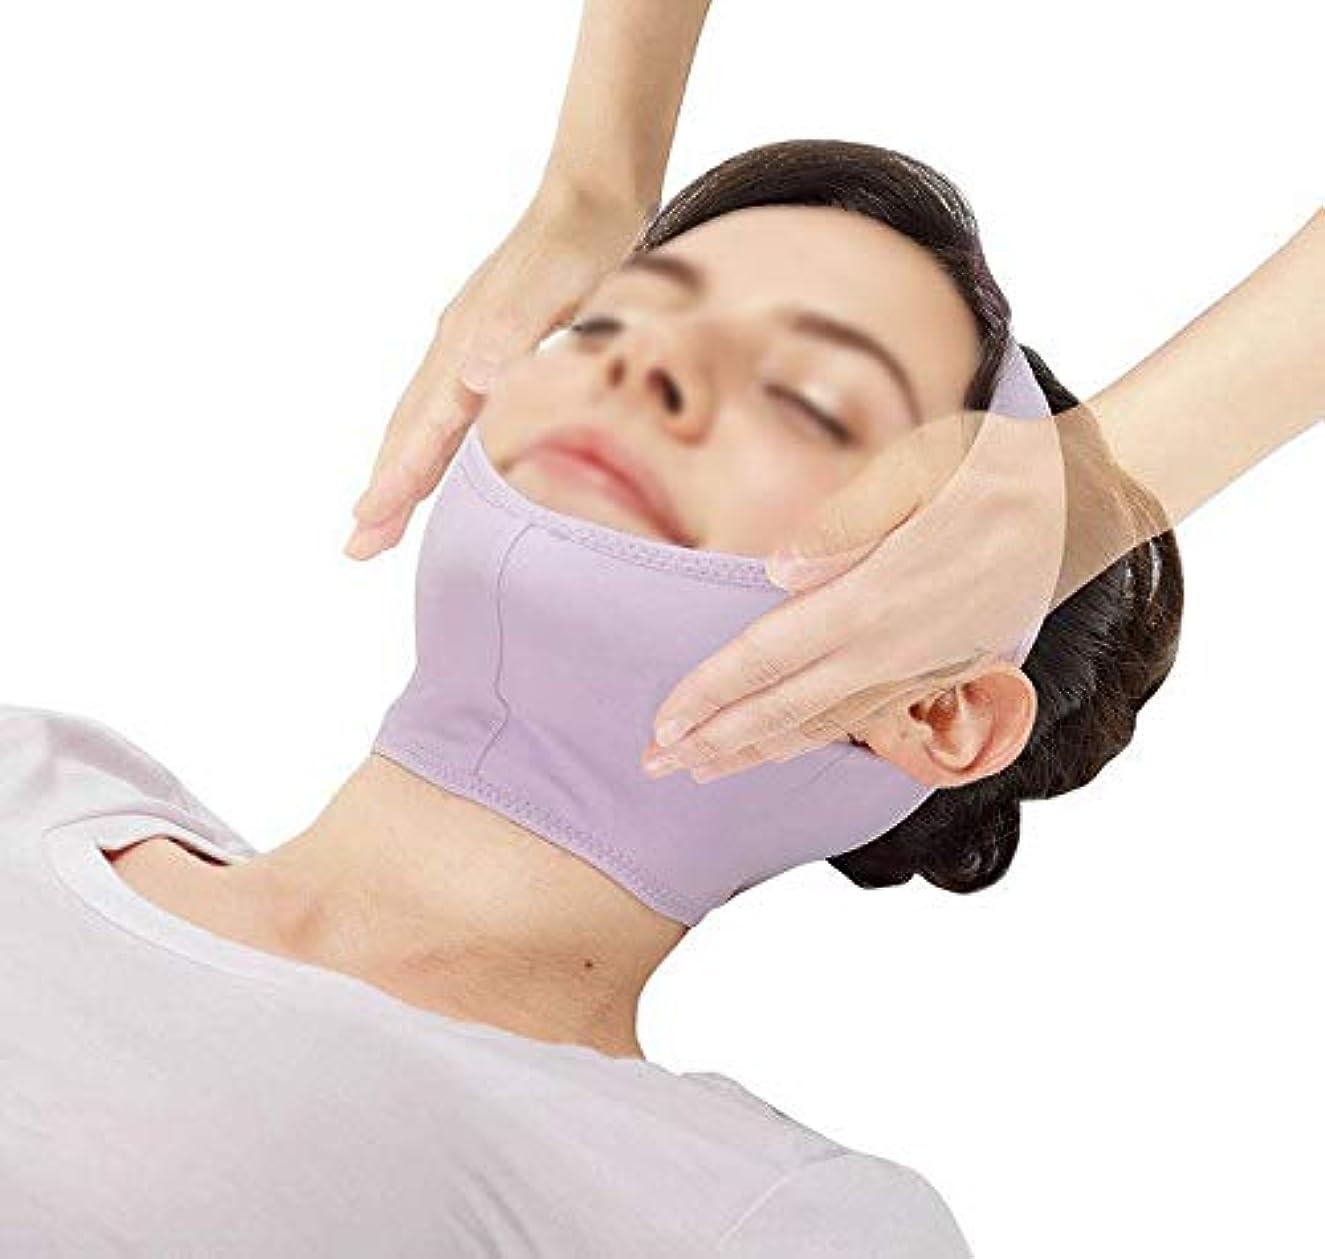 段階差し控えるジュニアMLX フェイシャルマスク、フェイスリフトアーティファクトマスク垂れ下がった顔小さなV顔包帯通気性睡眠ダブルチン減量マスク